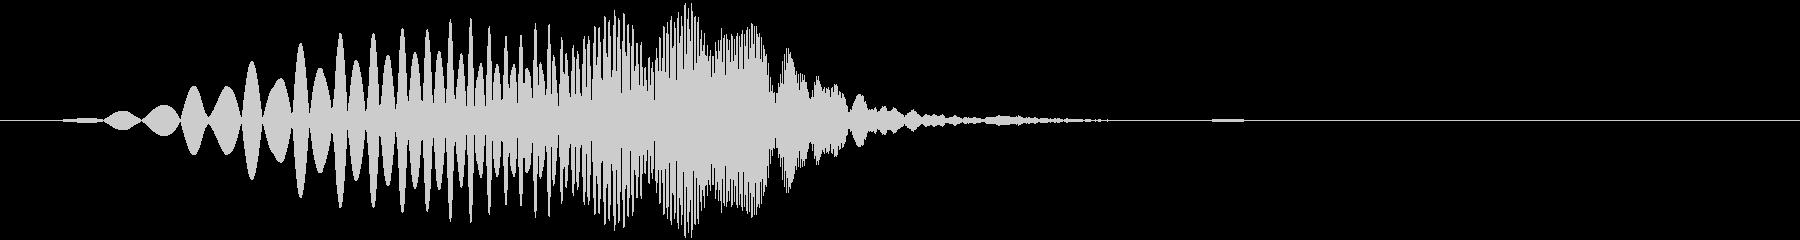 プイ(回復・ドロップなど小さめの上昇音)の未再生の波形